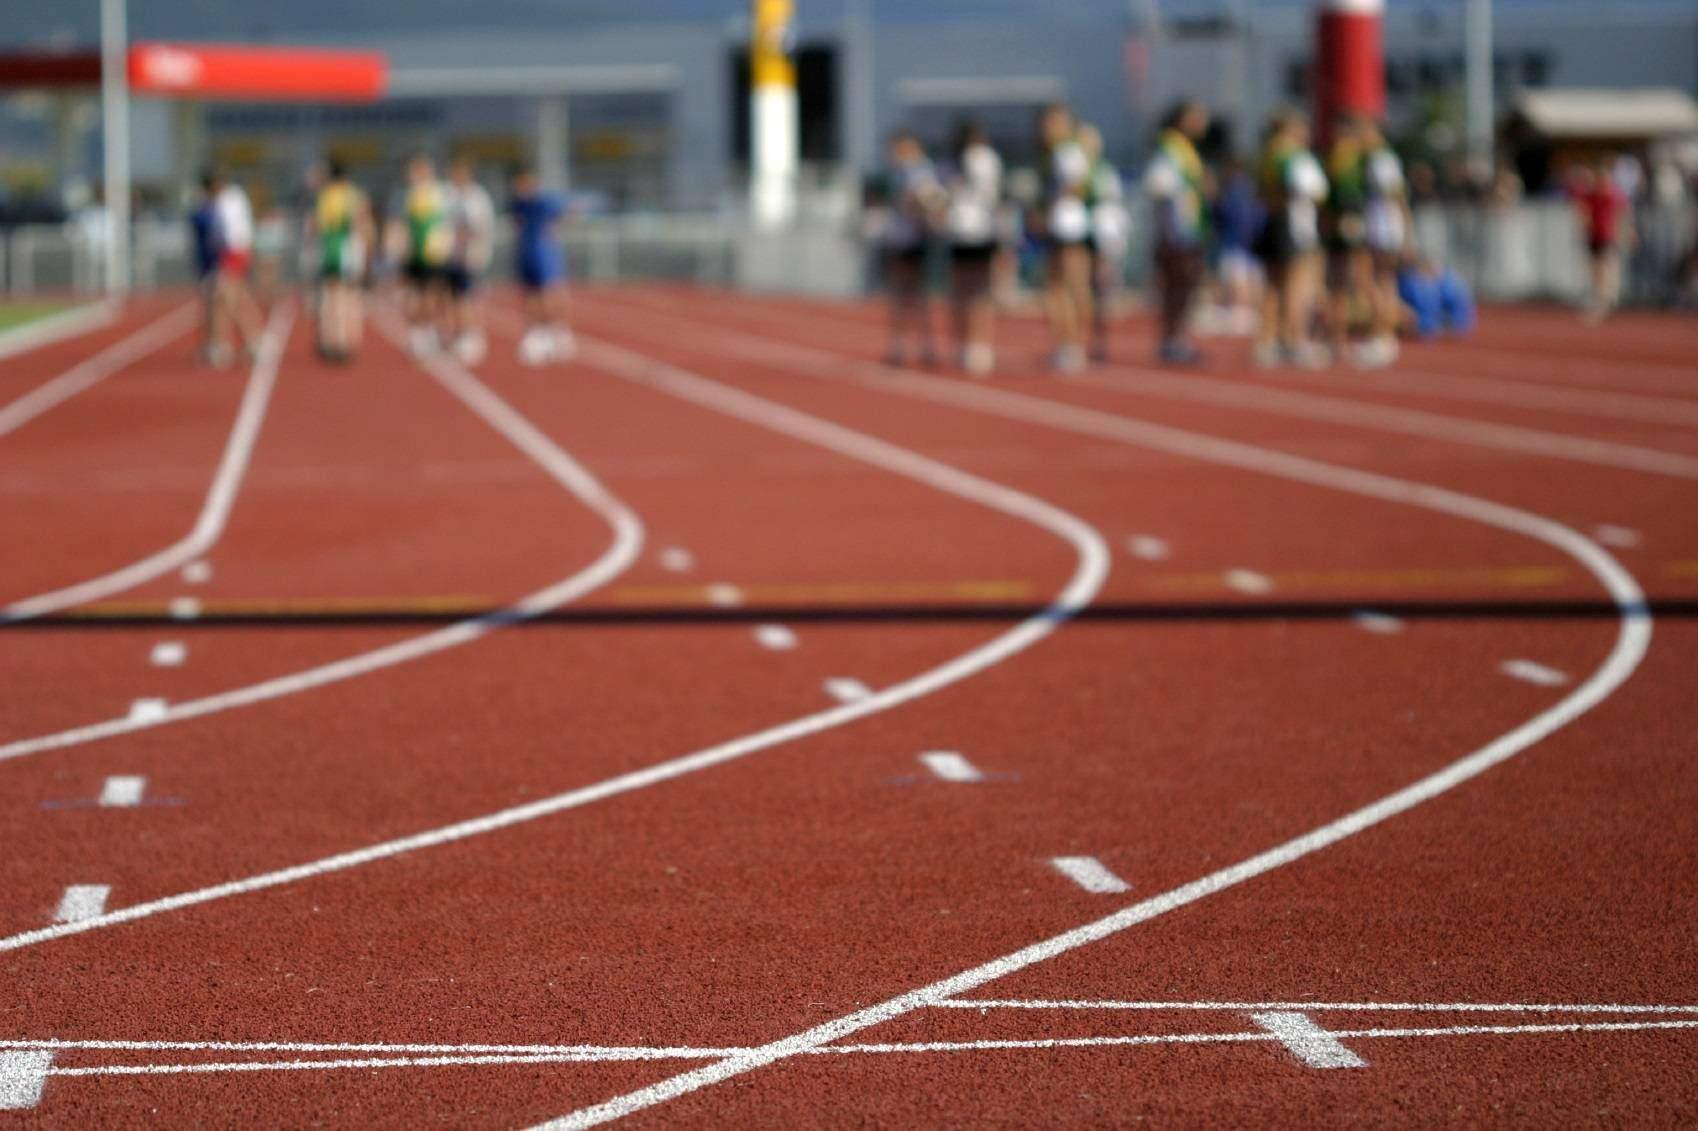 JO- Contrôle antidopage : 20 athlètes disqualifiés dont 14 Africains parmi eux un Marocain